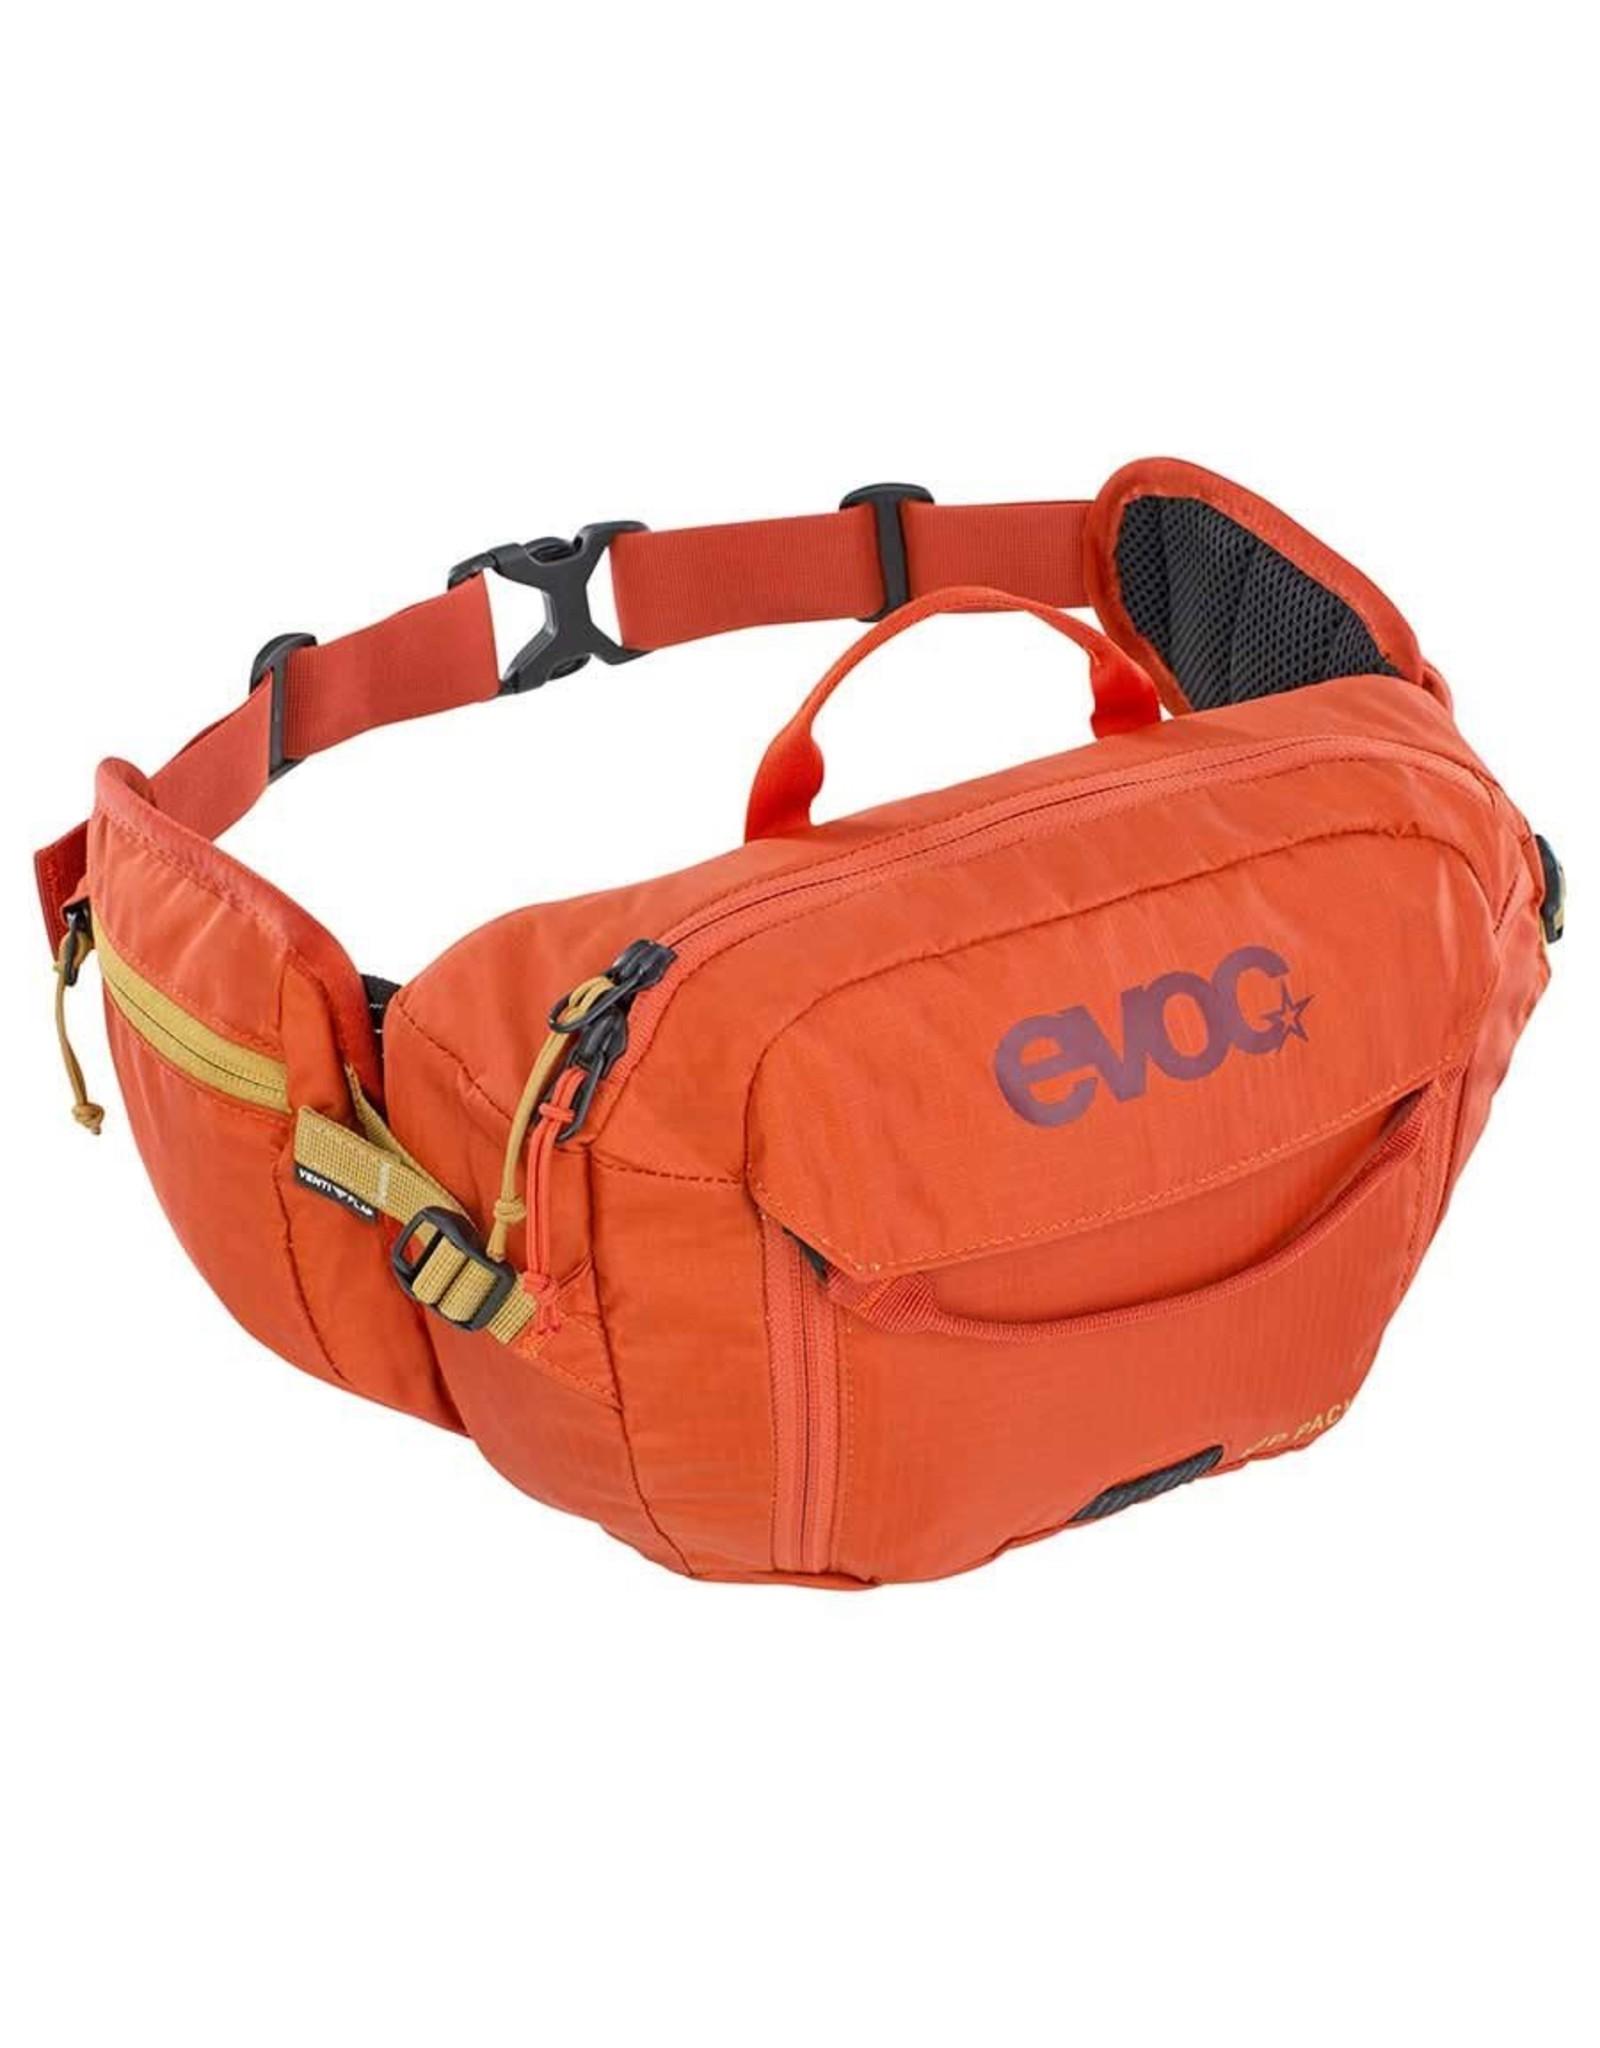 Evoc Waist bag Evoc Hip Pack 3L +tank 1.5L